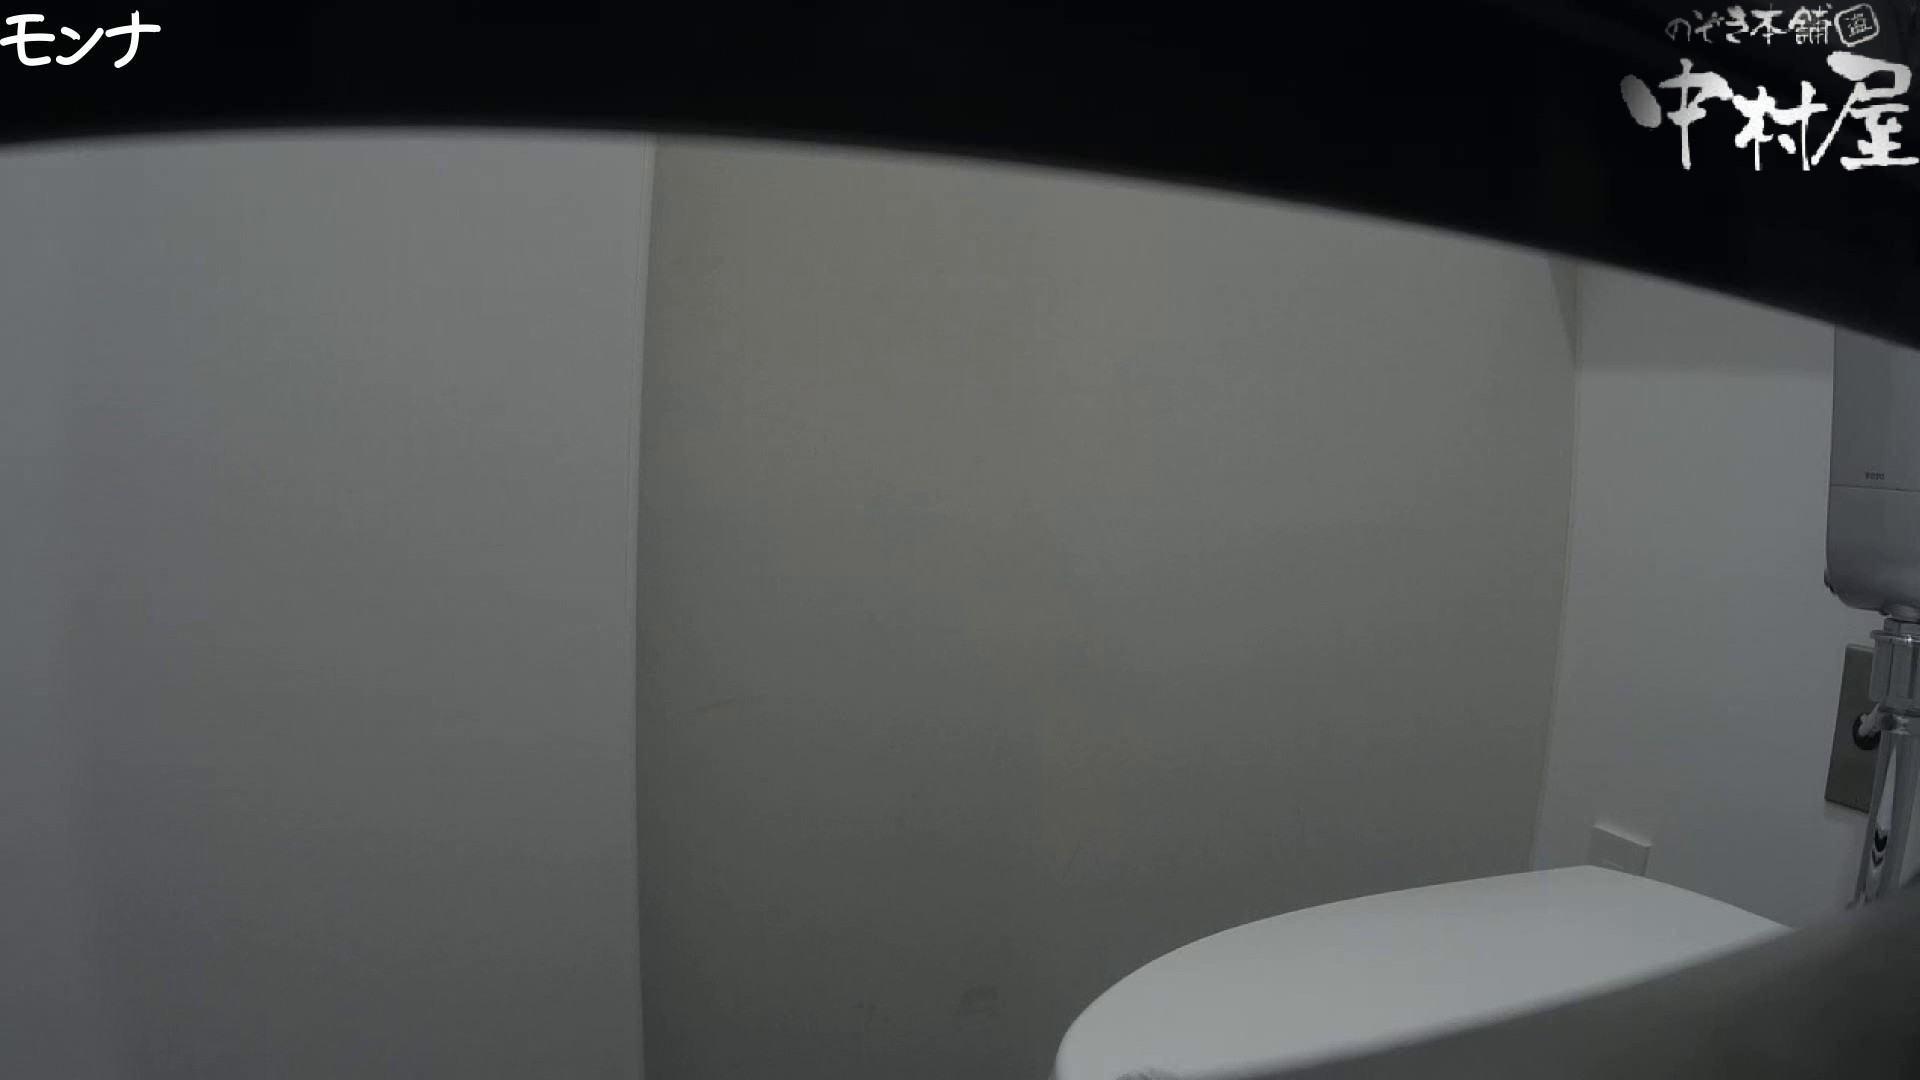 有名大学女性洗面所 vol.66 清楚系女子をがっつり!! 潜入 AV動画キャプチャ 113pic 52